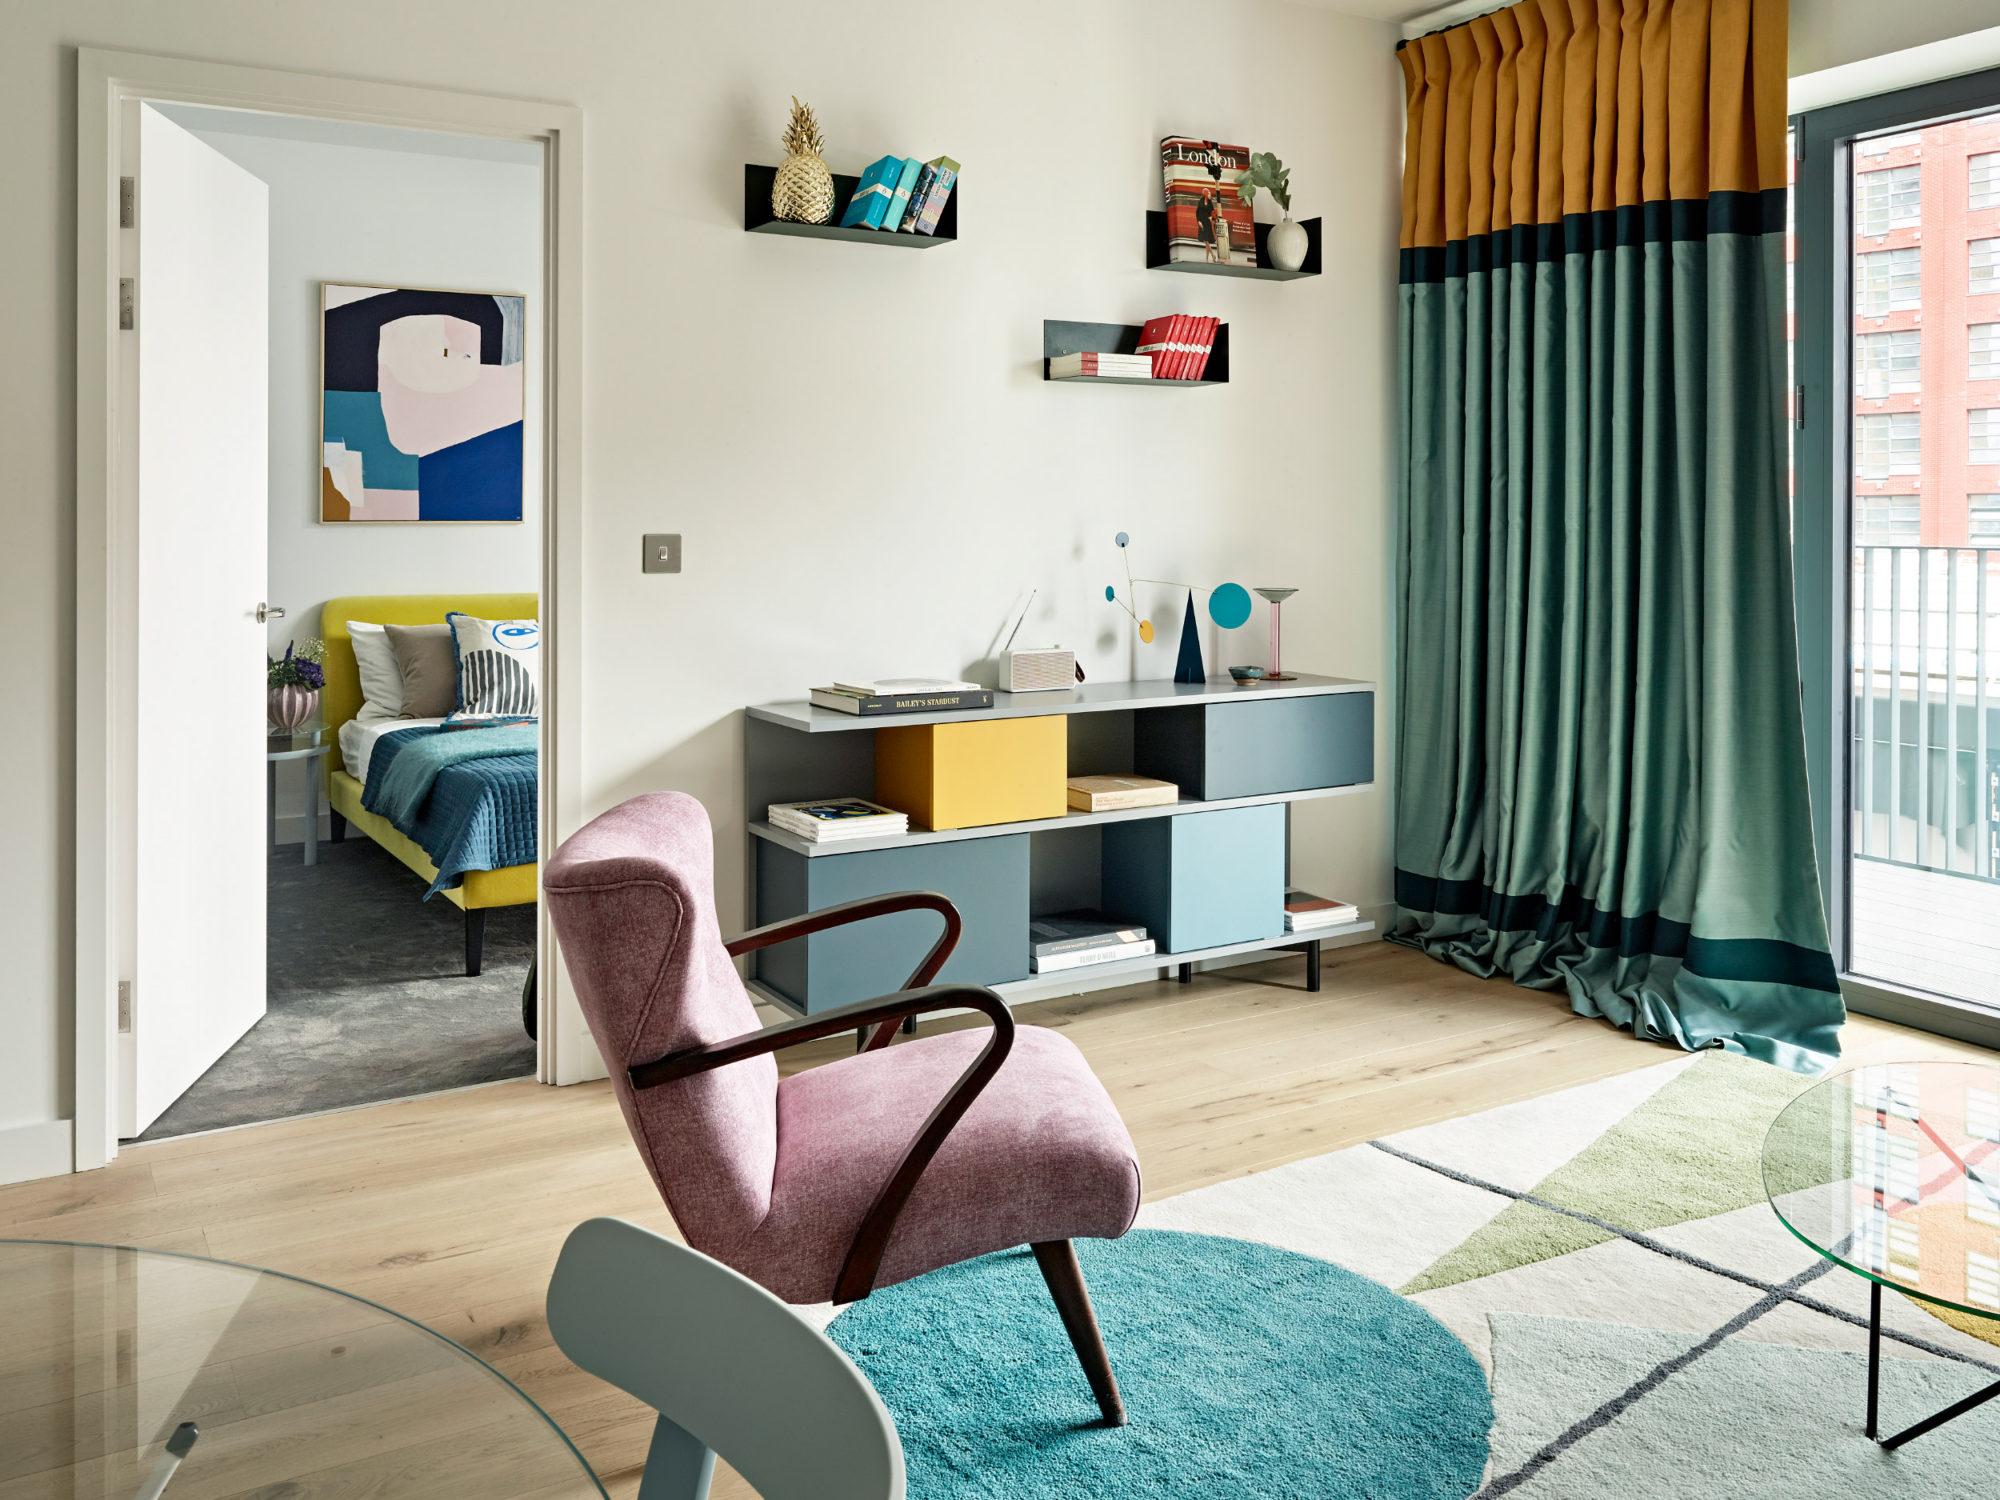 Accente retro și decor vesel într-un apartament de 50 m² 4